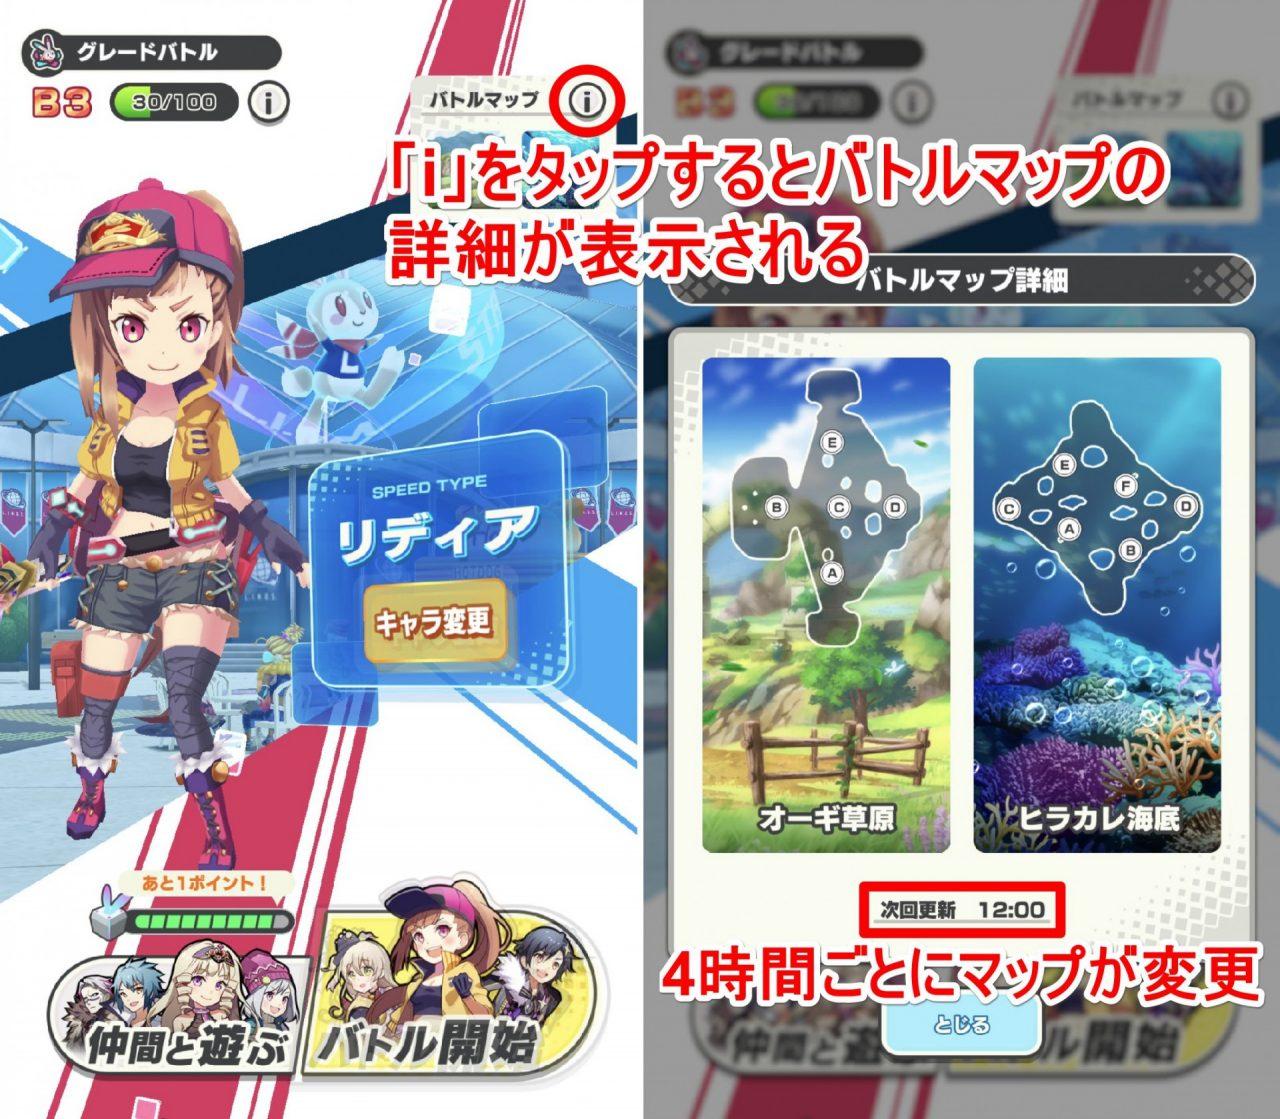 リンクスリングス攻略:バトルマップ攻略まとめ【7/22更新】